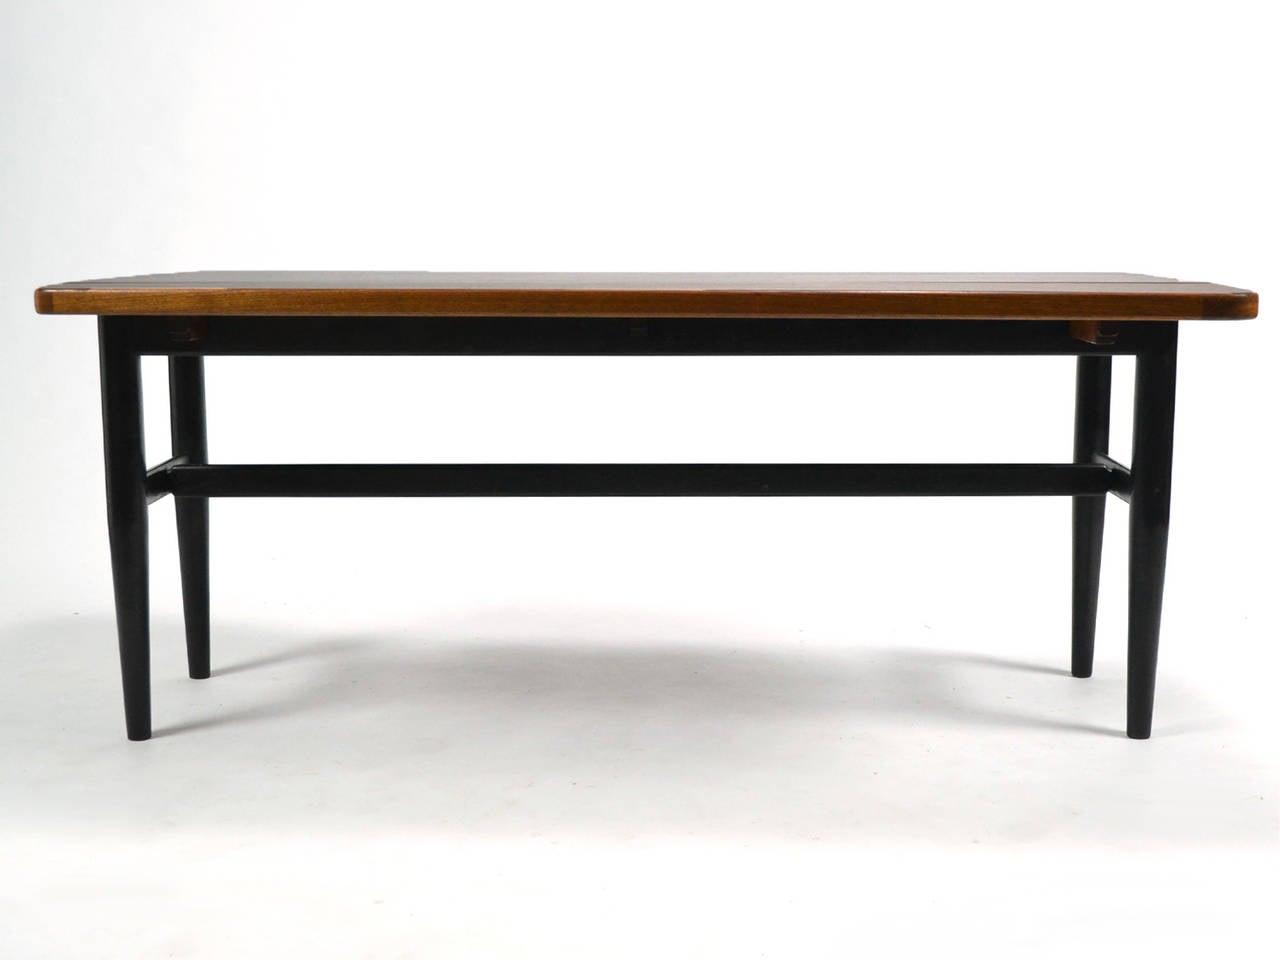 Scandinavian Modern Finn Juhl Drop-Leaf Coffee Table For Sale